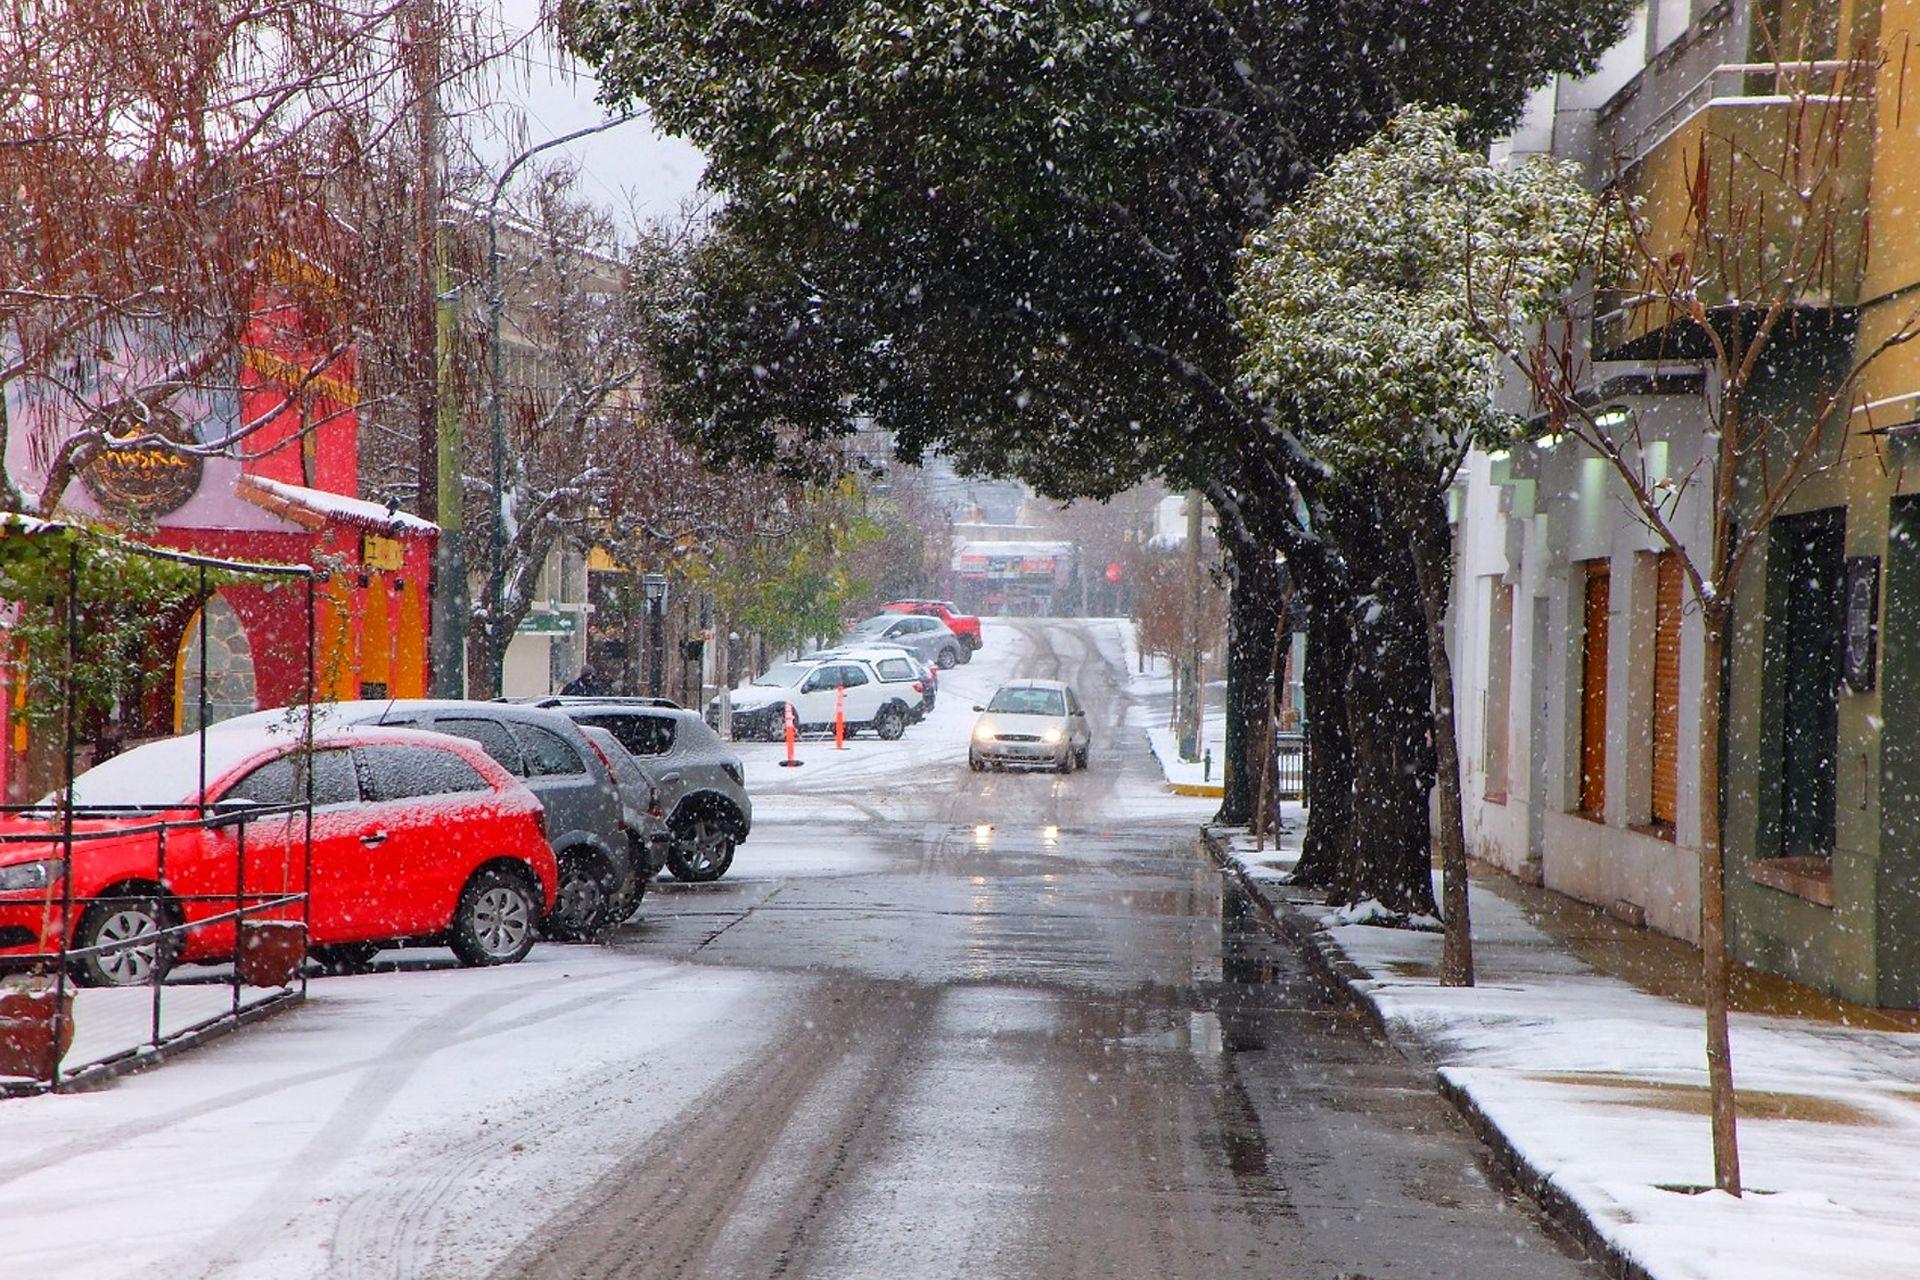 Las calles de La Cumbre casi sin movimiento y con las calles cubiertas de nieve